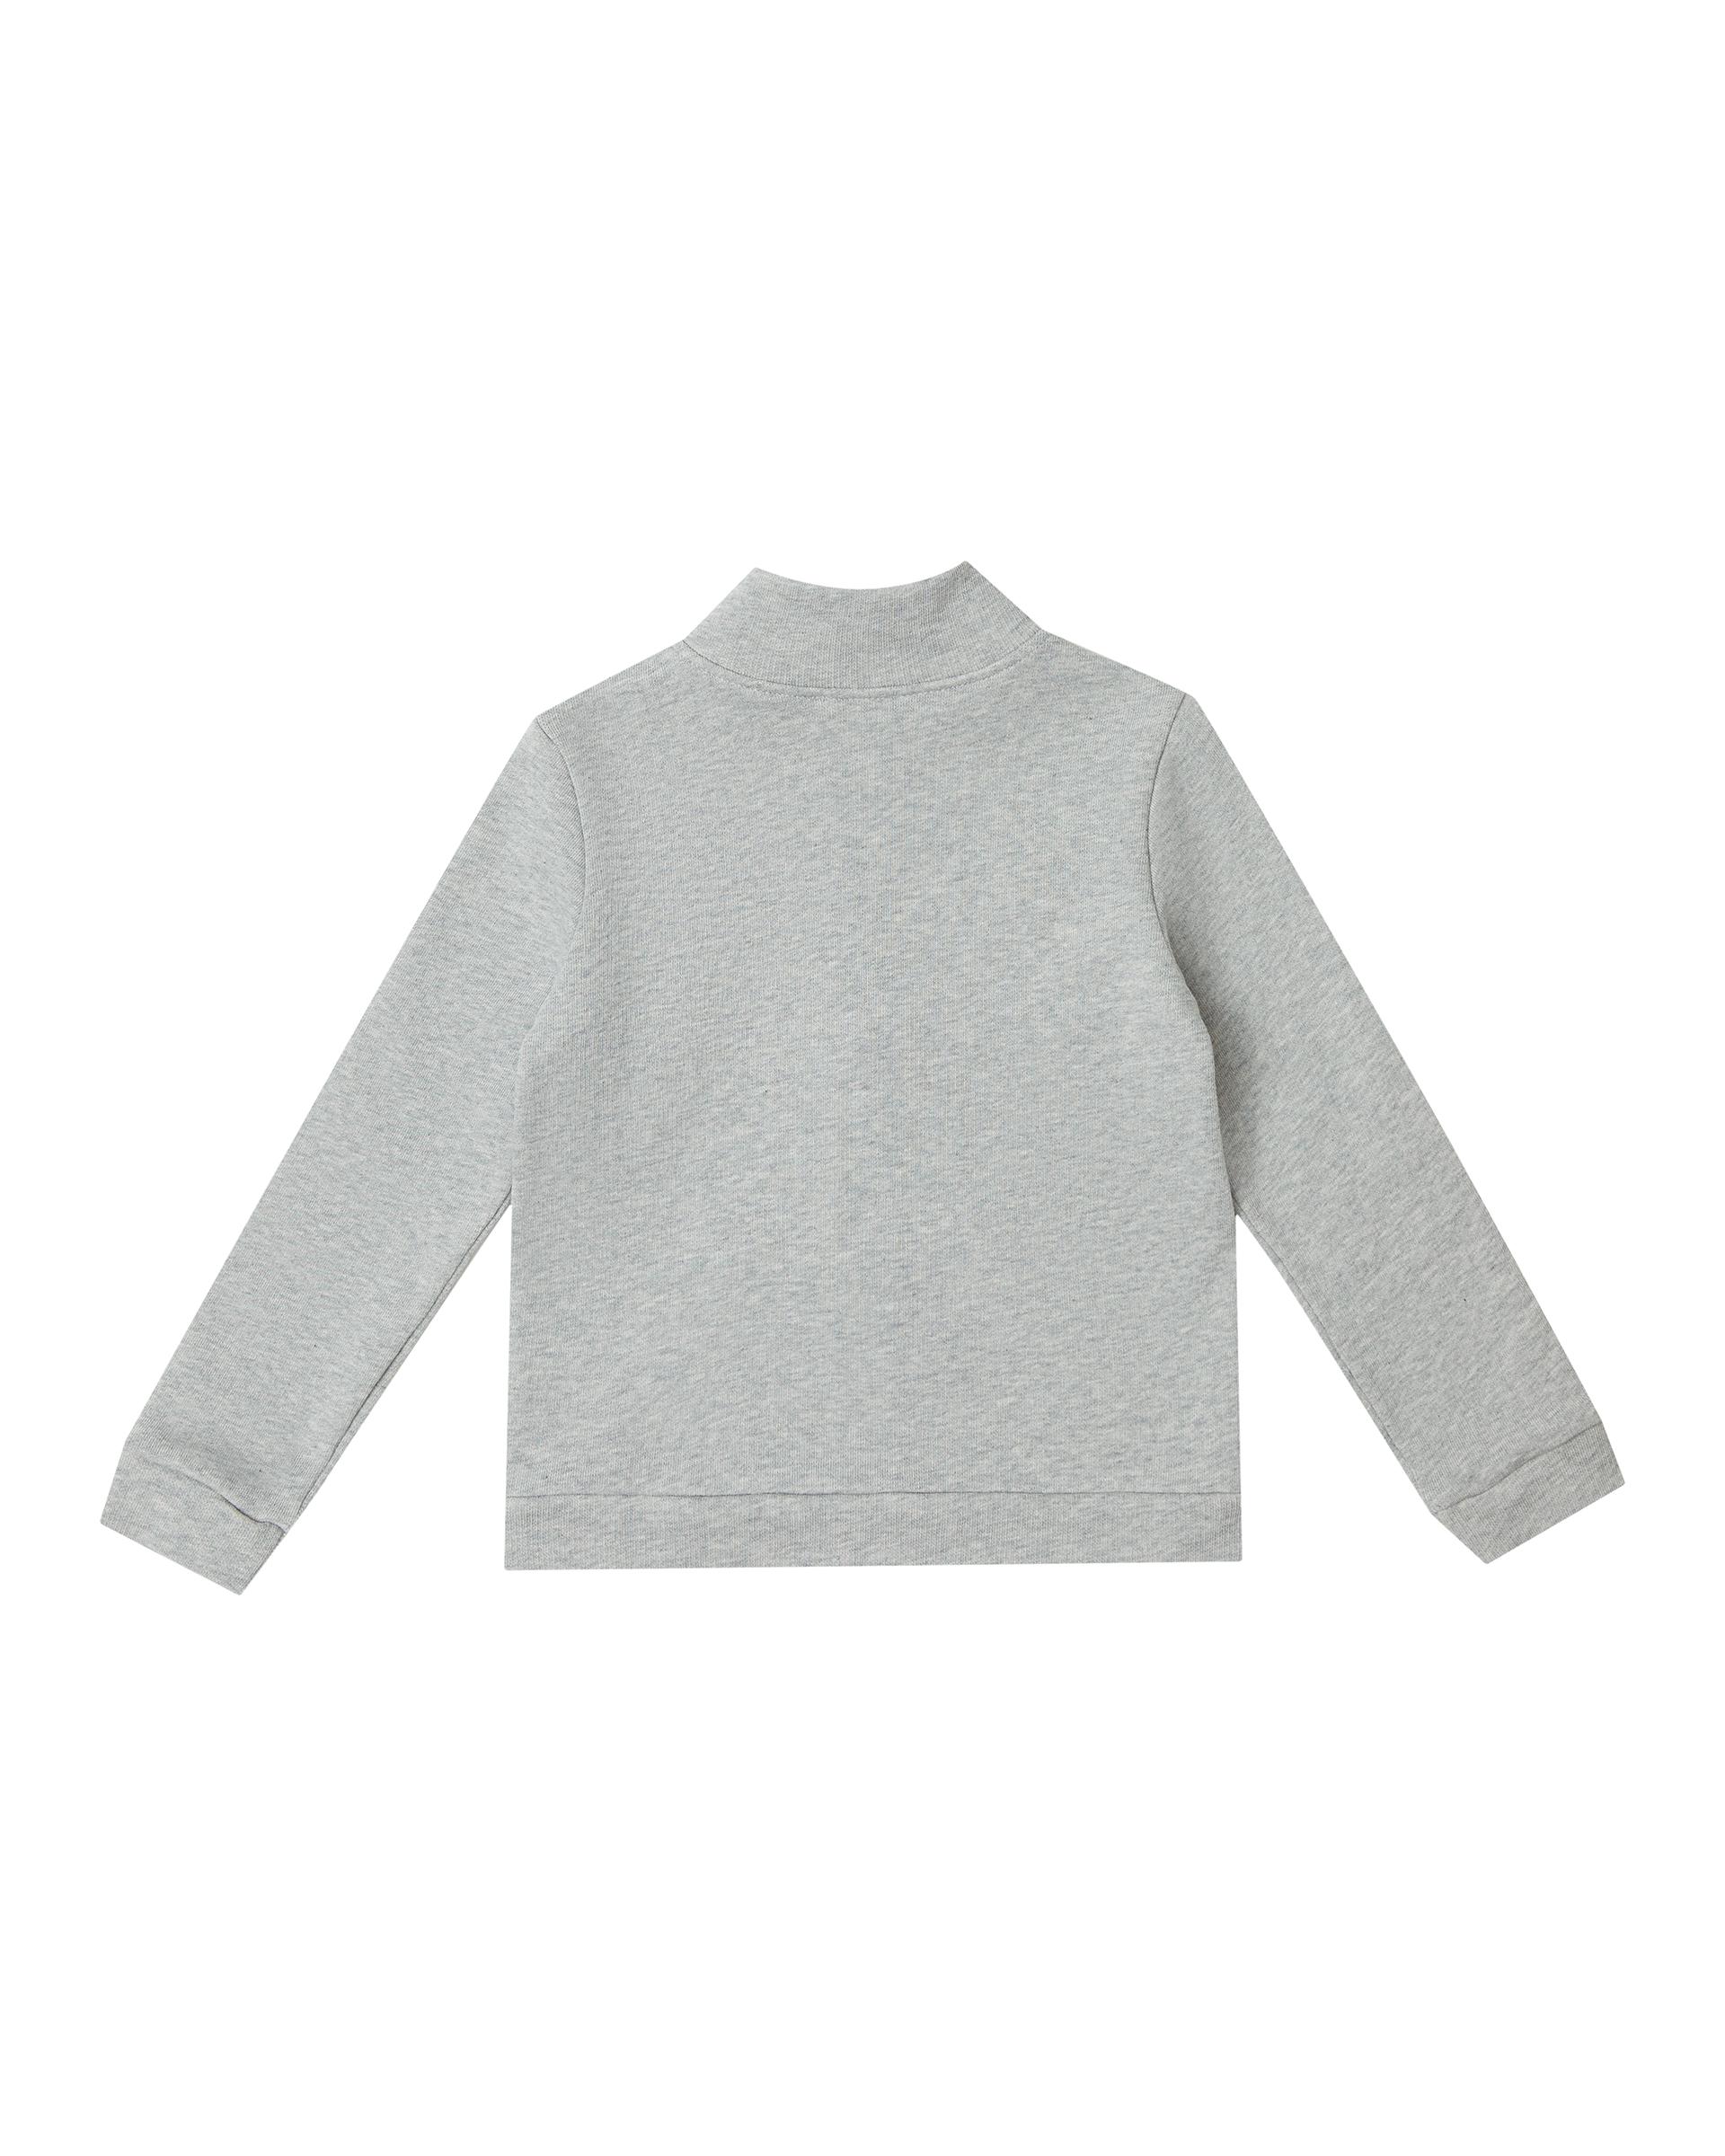 Купить 20P_3J68C5793_501, Толстовка для девочек Benetton 3J68C5793_501 р-р 92, United Colors of Benetton, Кофточки, футболки для новорожденных